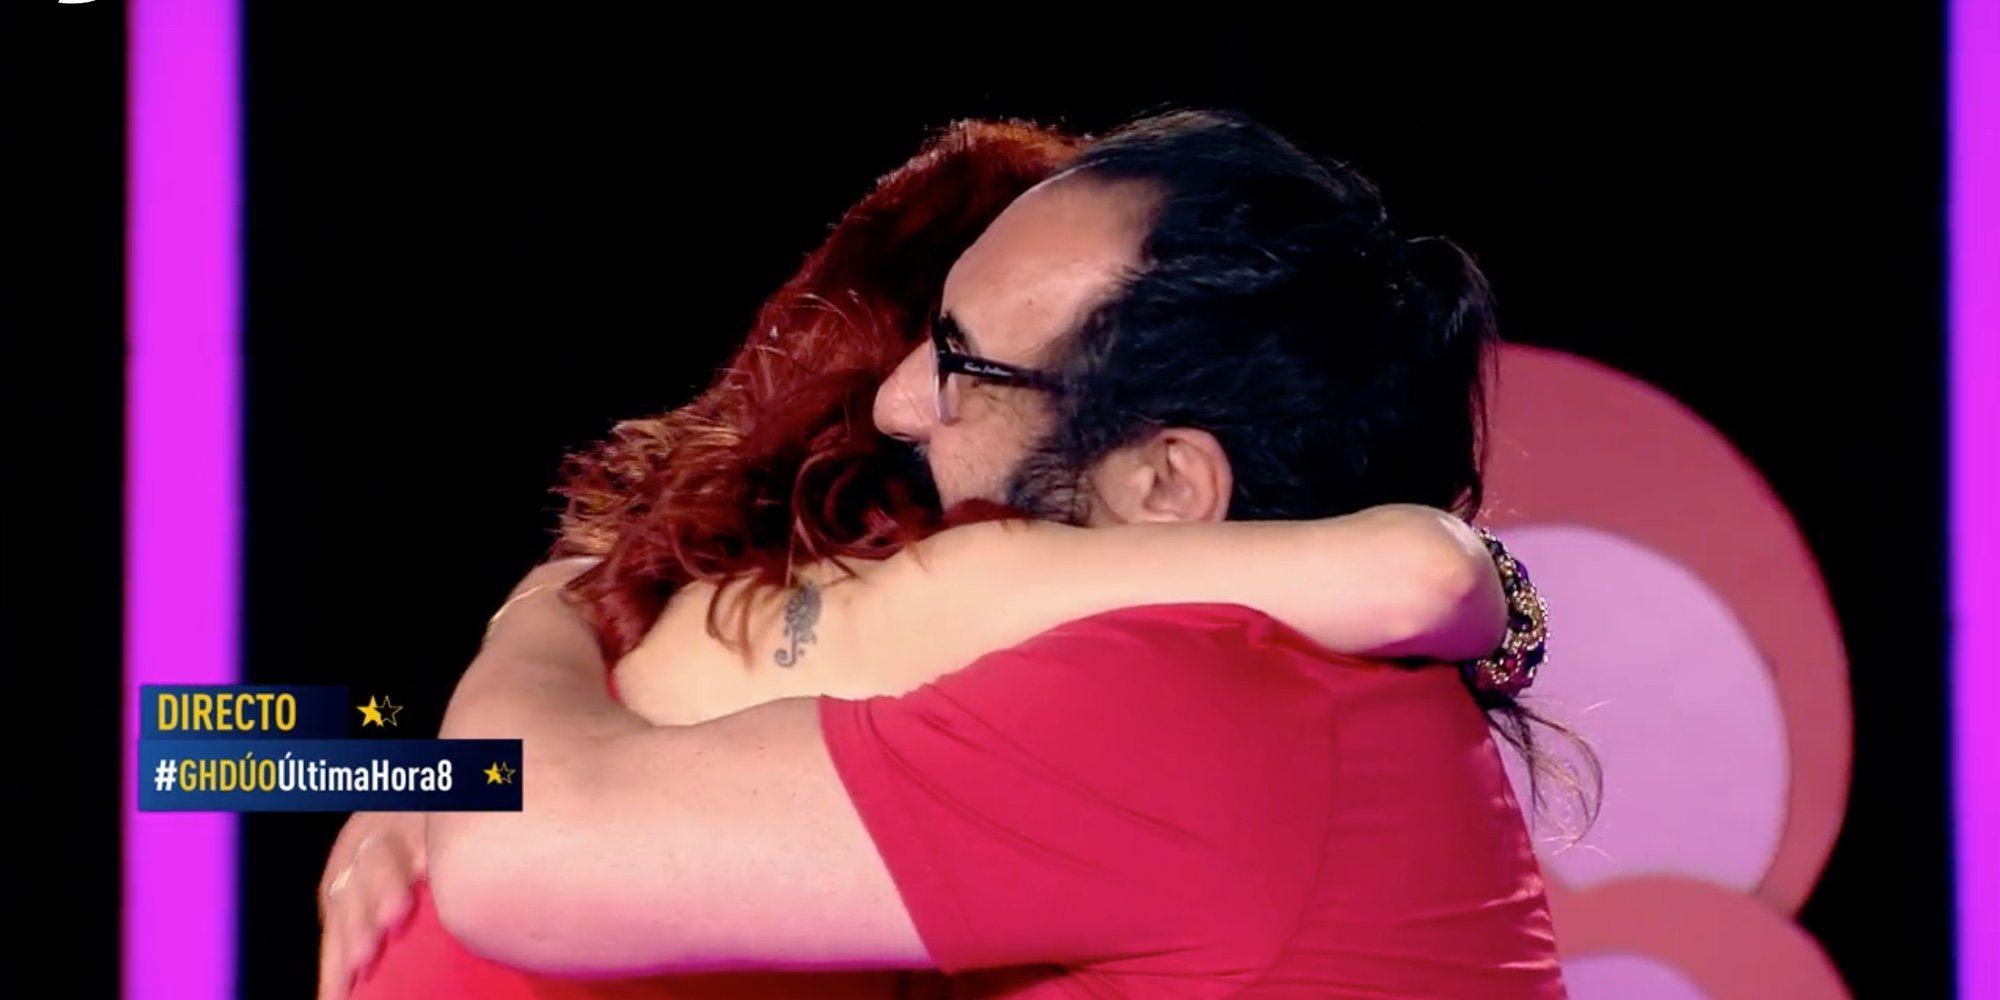 Yurena y Juan Miguel se comen a besos en su reencuentro en 'GH DÚO' por San Valentín